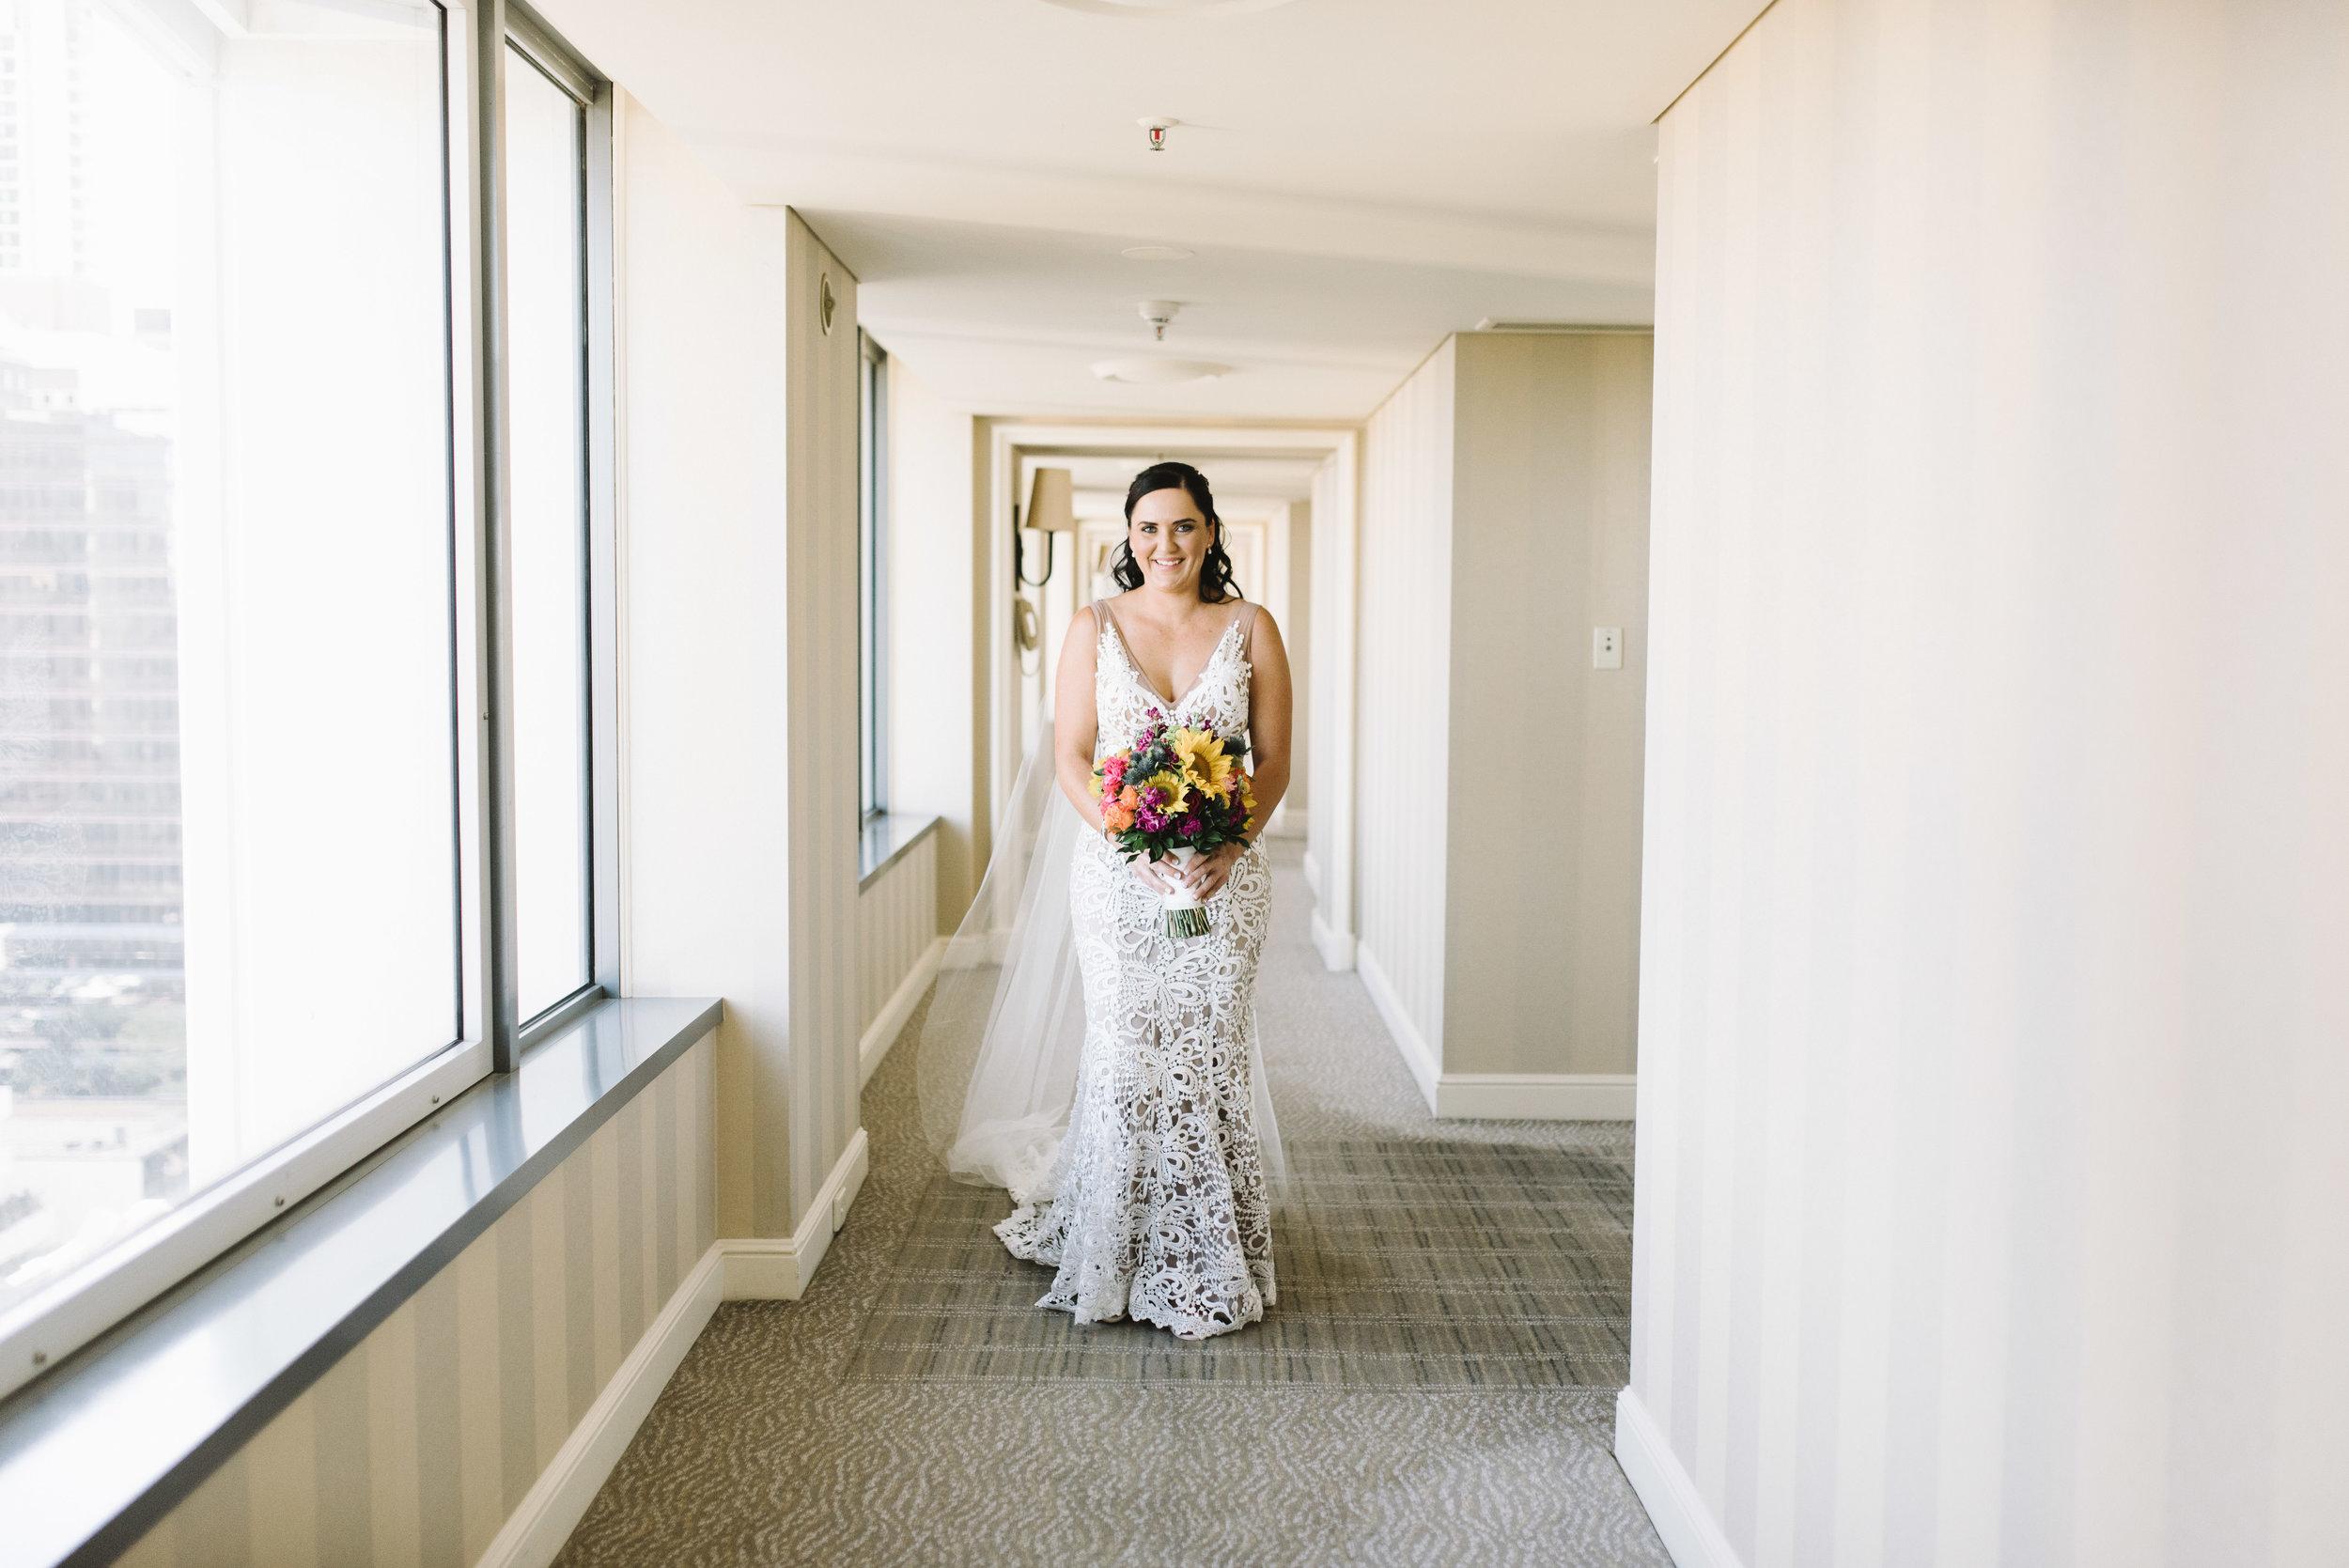 brisbane-stamford-plaza-wedding-26.jpg